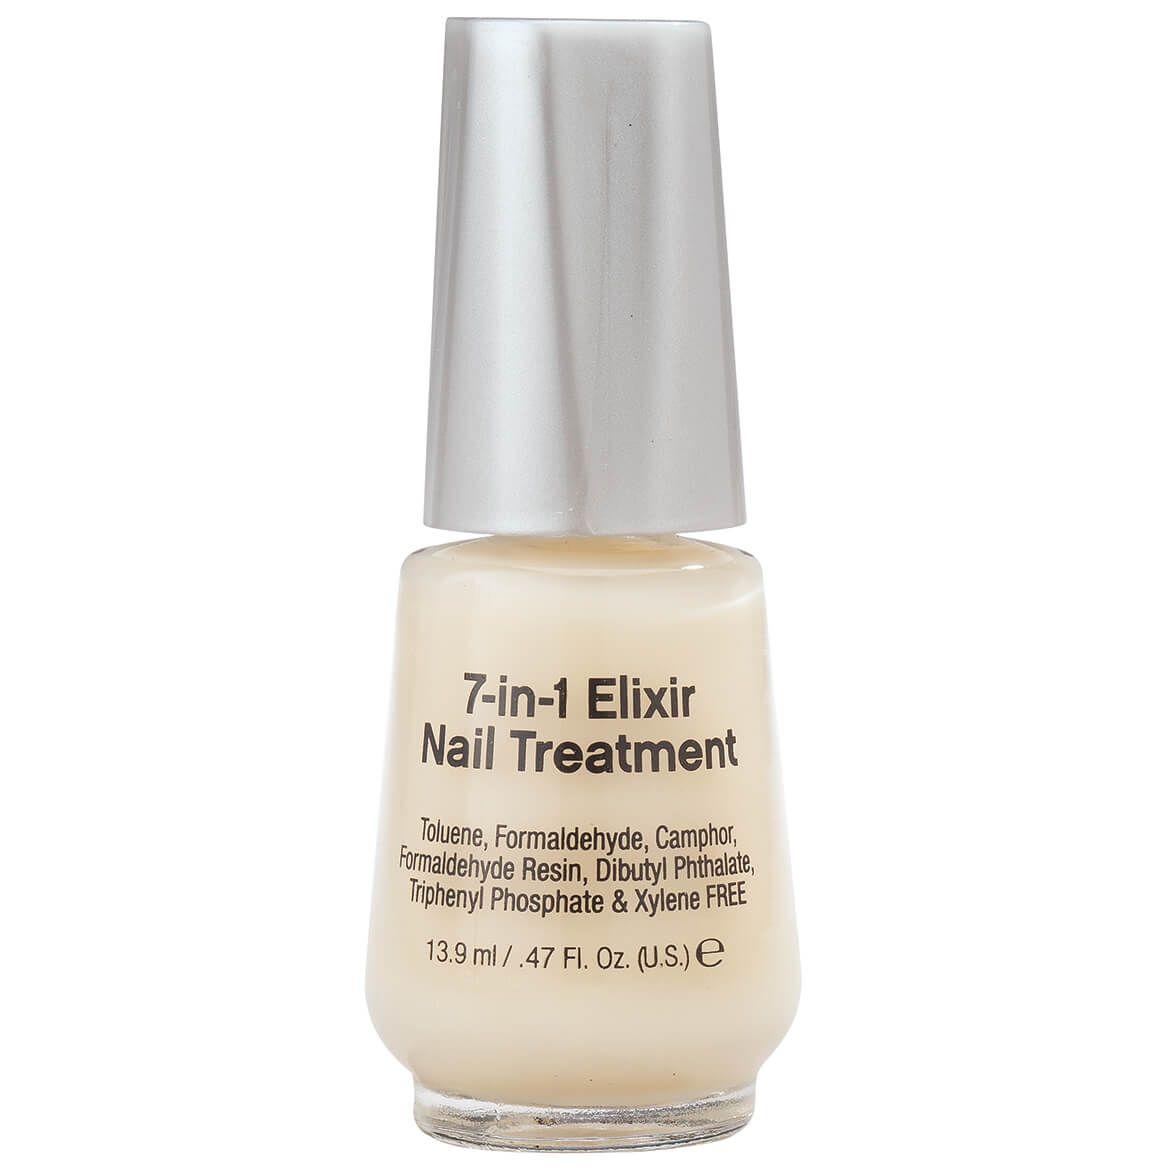 7-in-1 Elixir Nail Treatment-371447